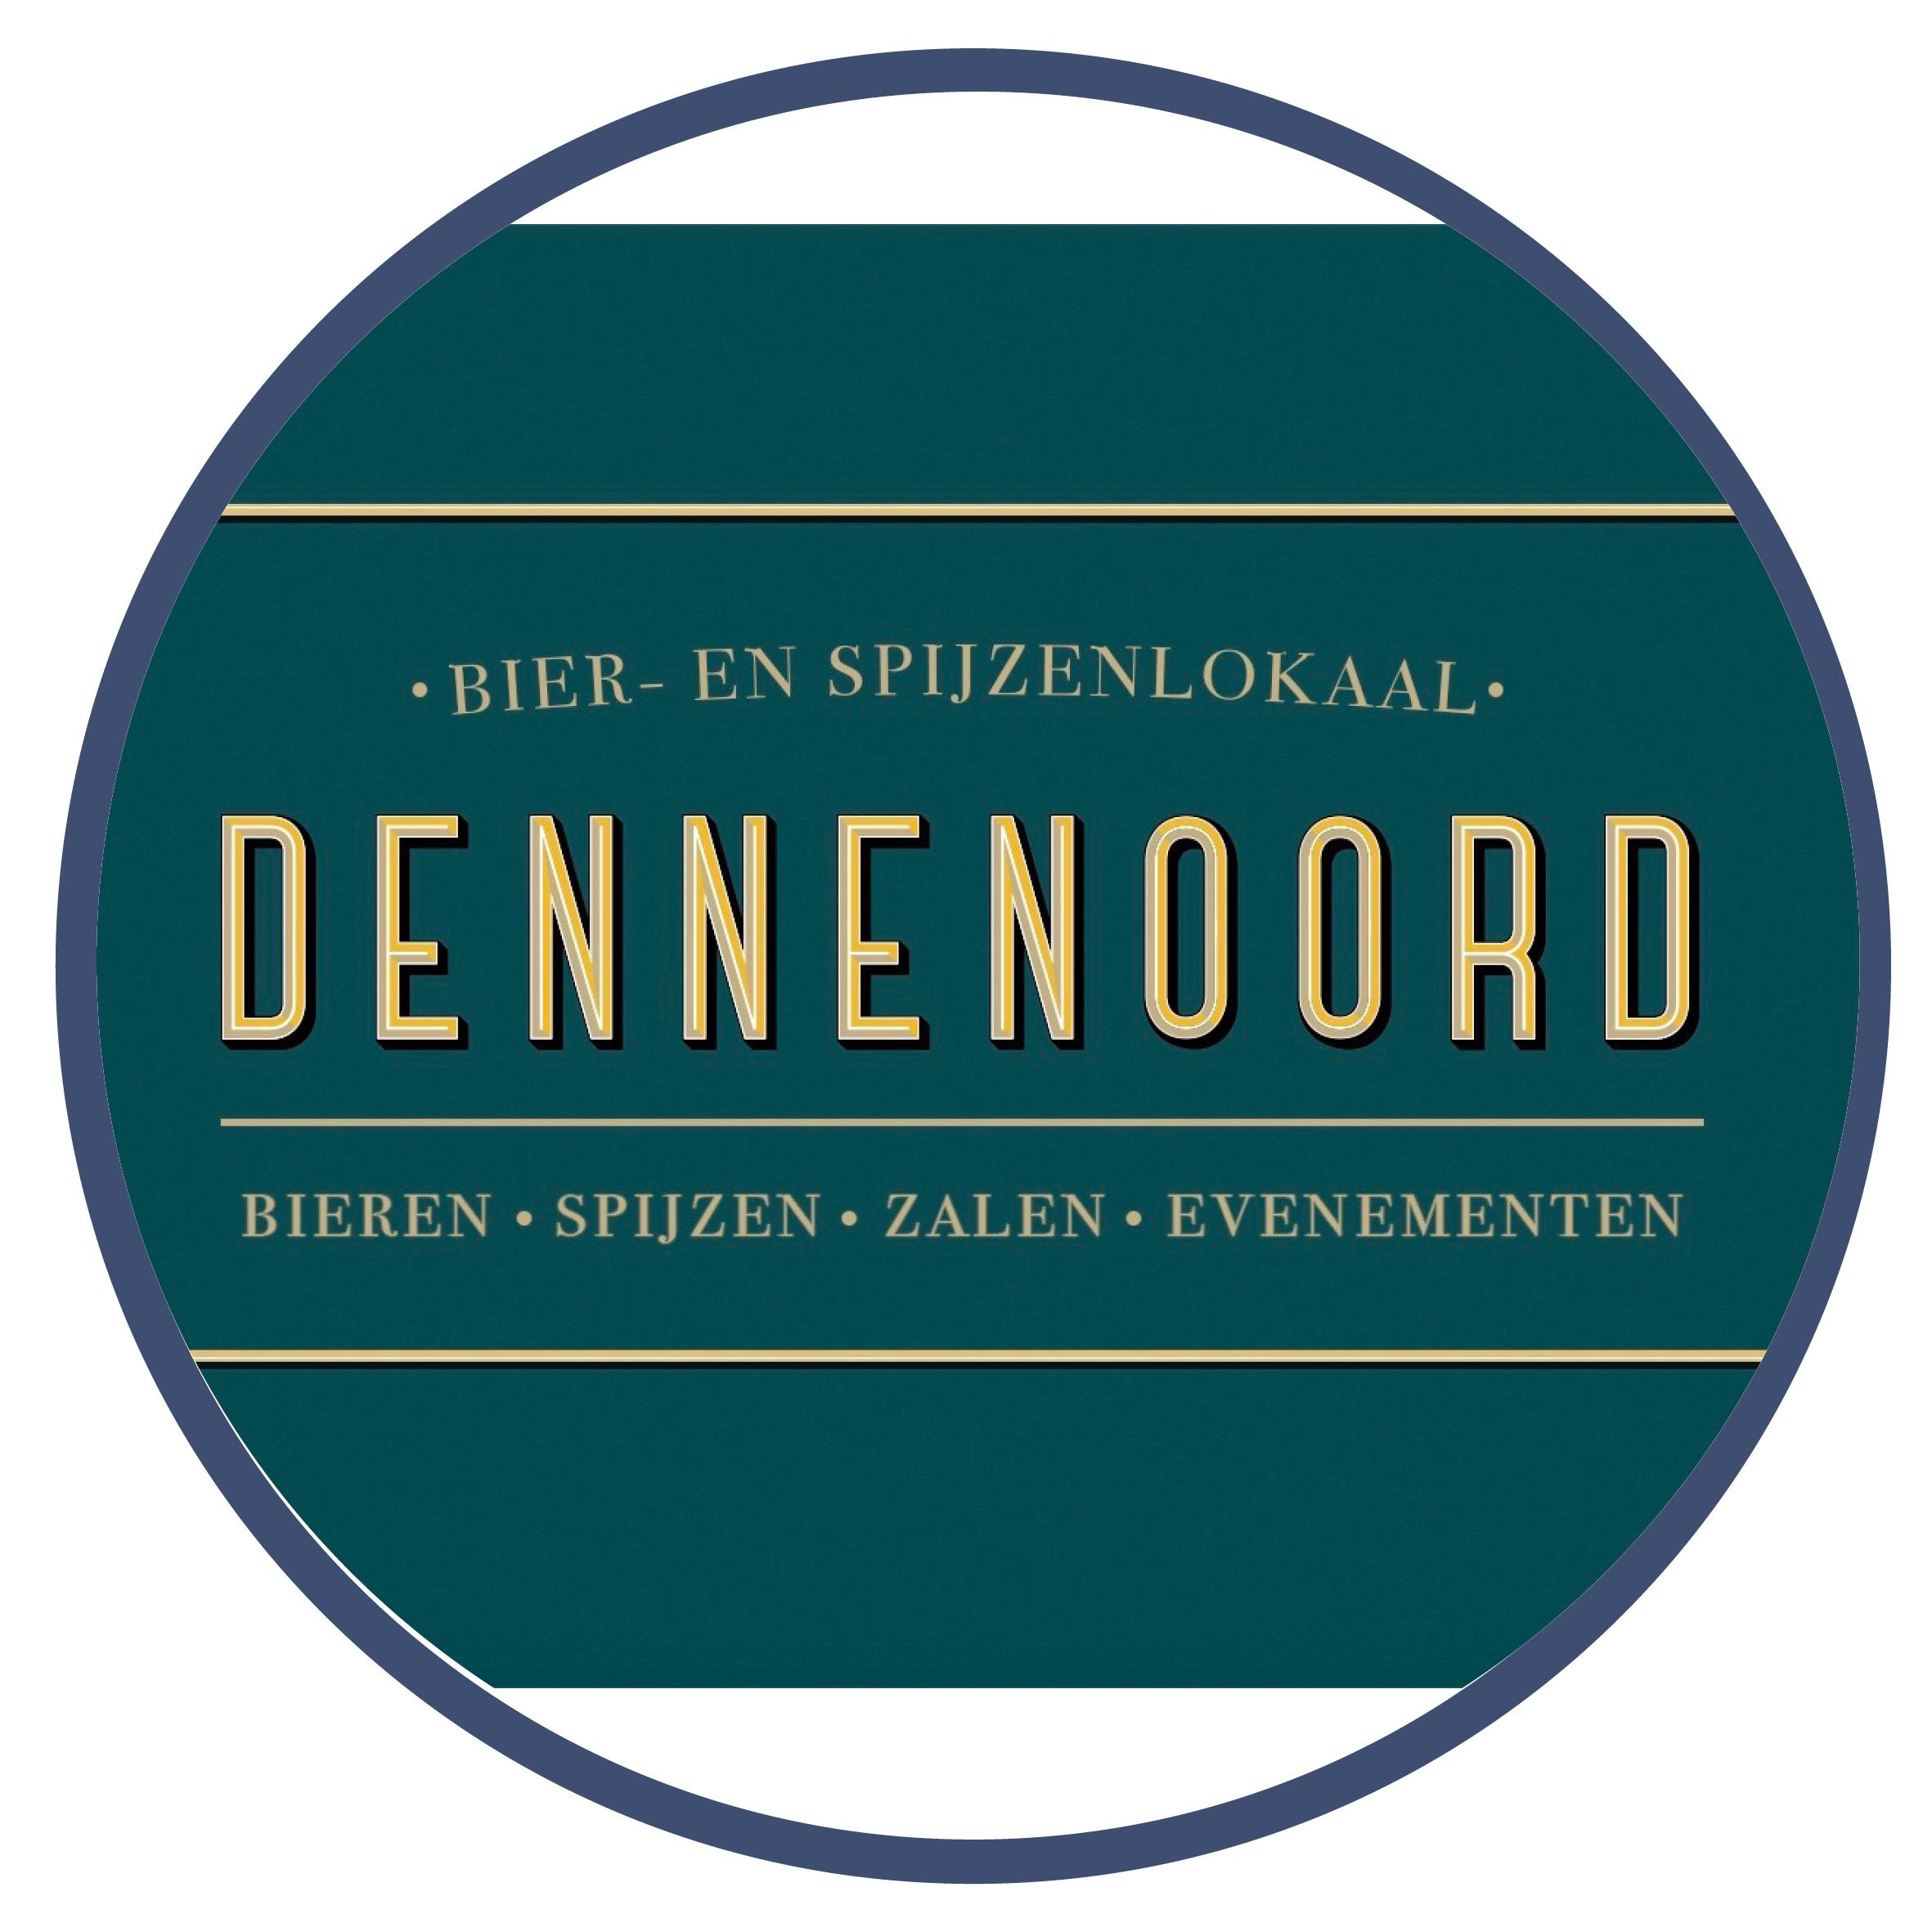 Dennenoord